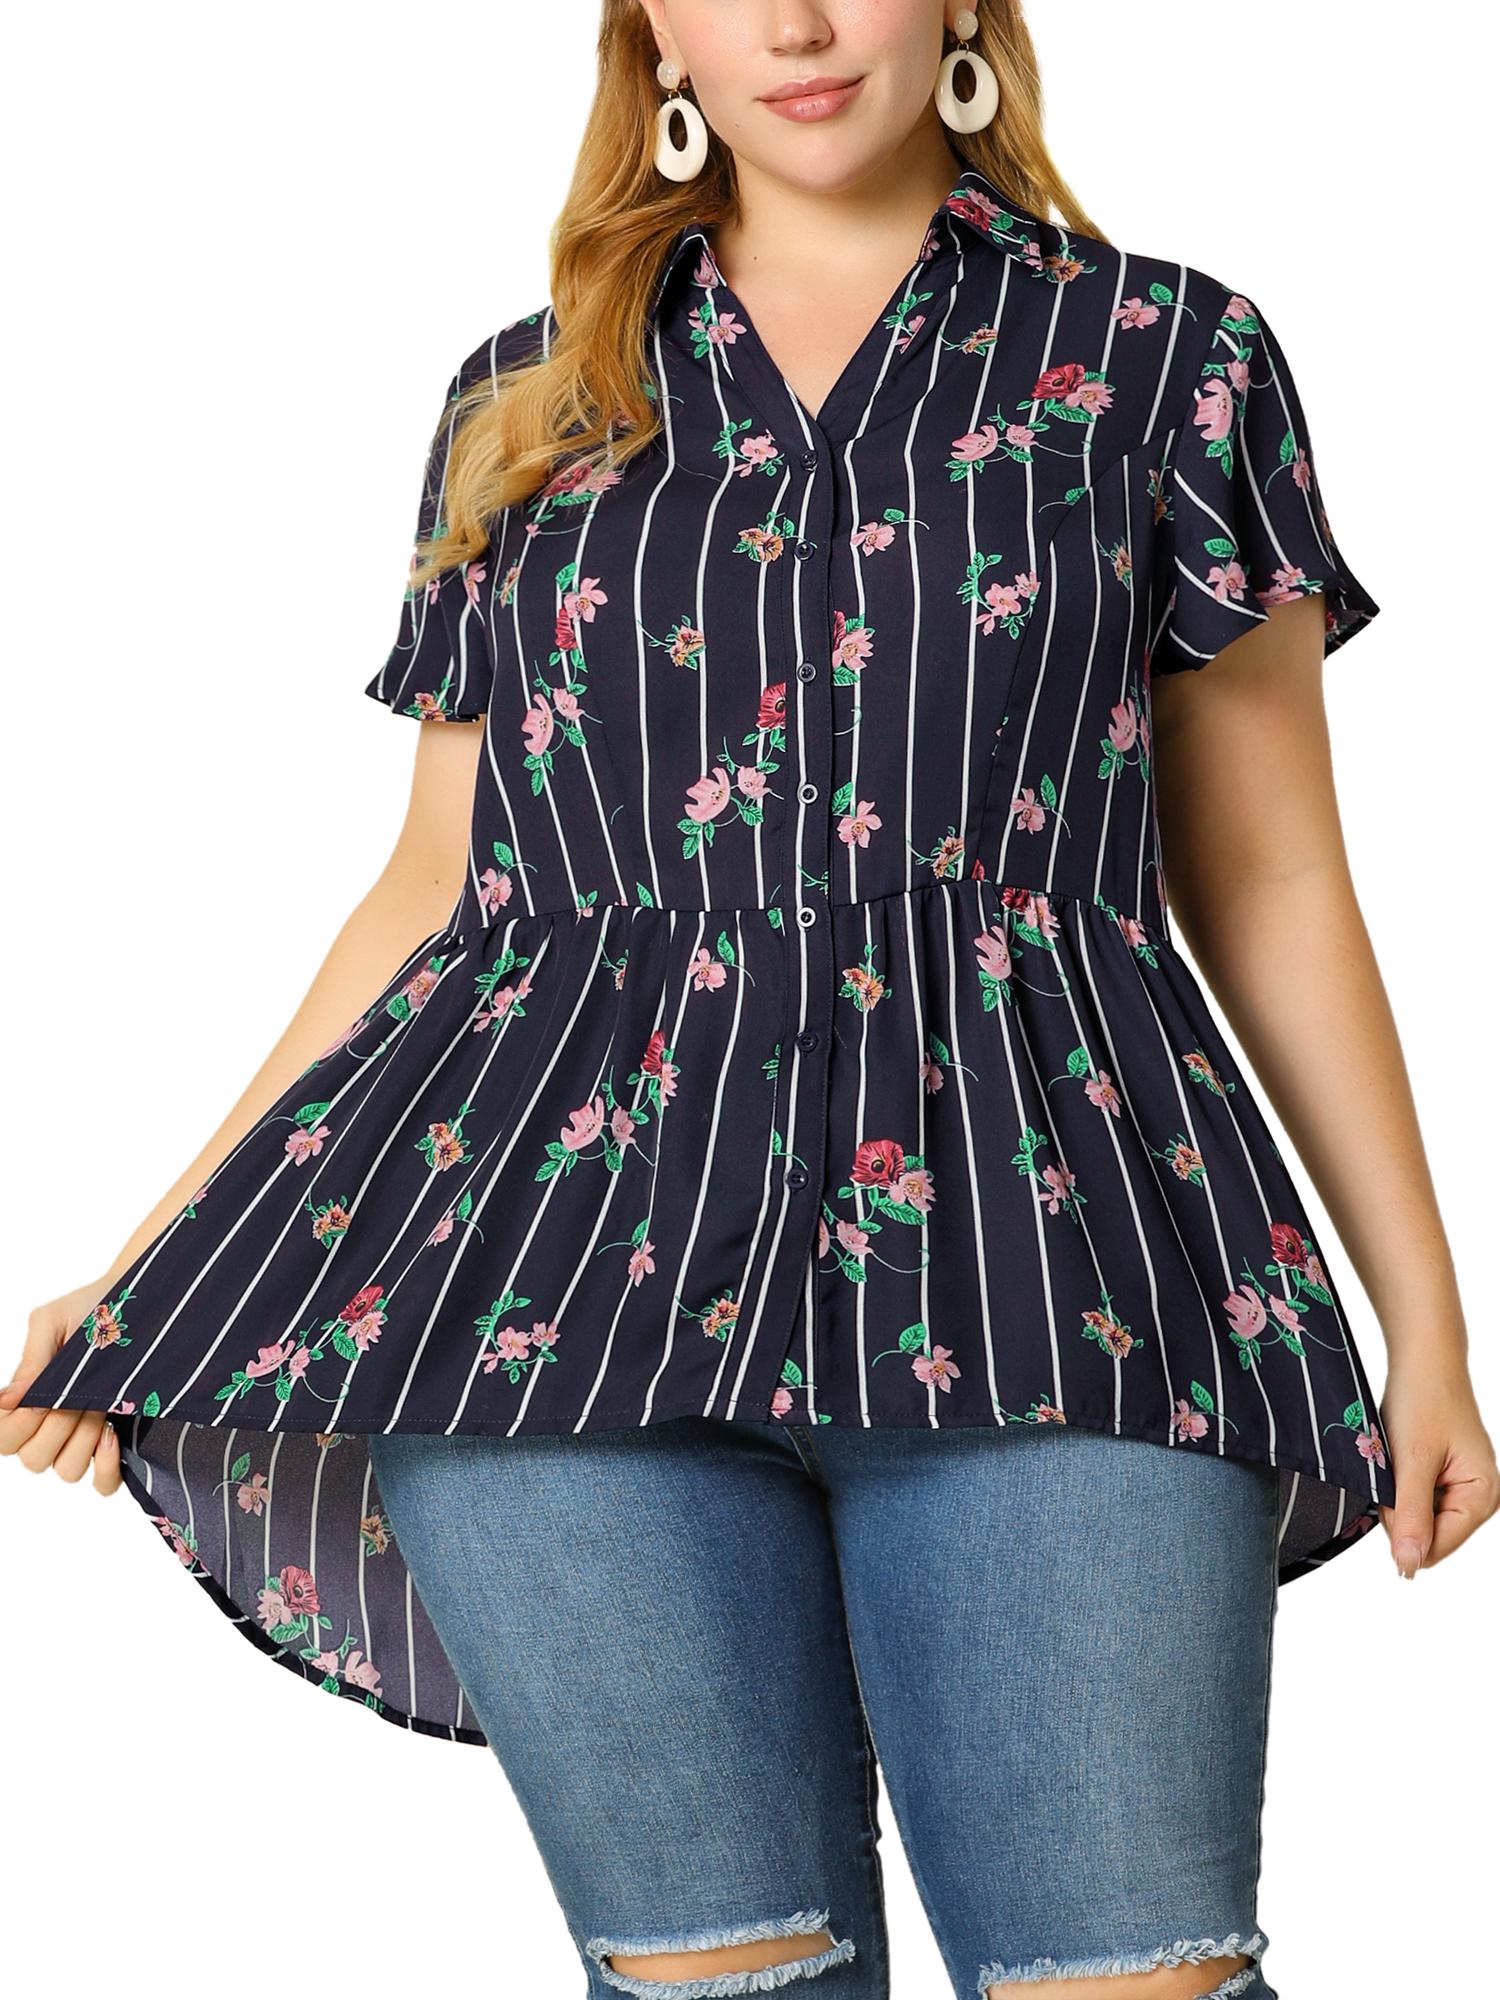 Women's Plus Size Shirt Floral Irregular Hem Chiffon Peplum Blouse Dark Blue 4X